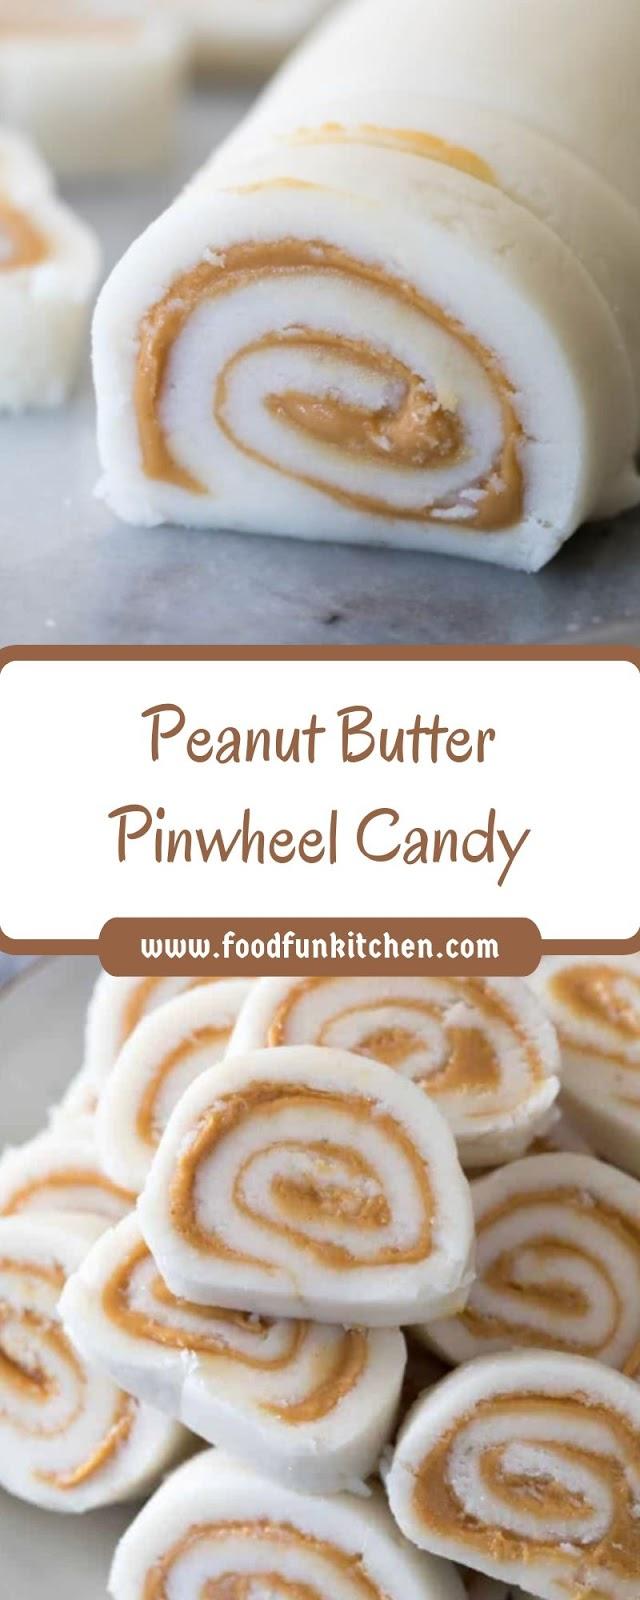 PEANUT BUTTER PINWHEEL CANDY